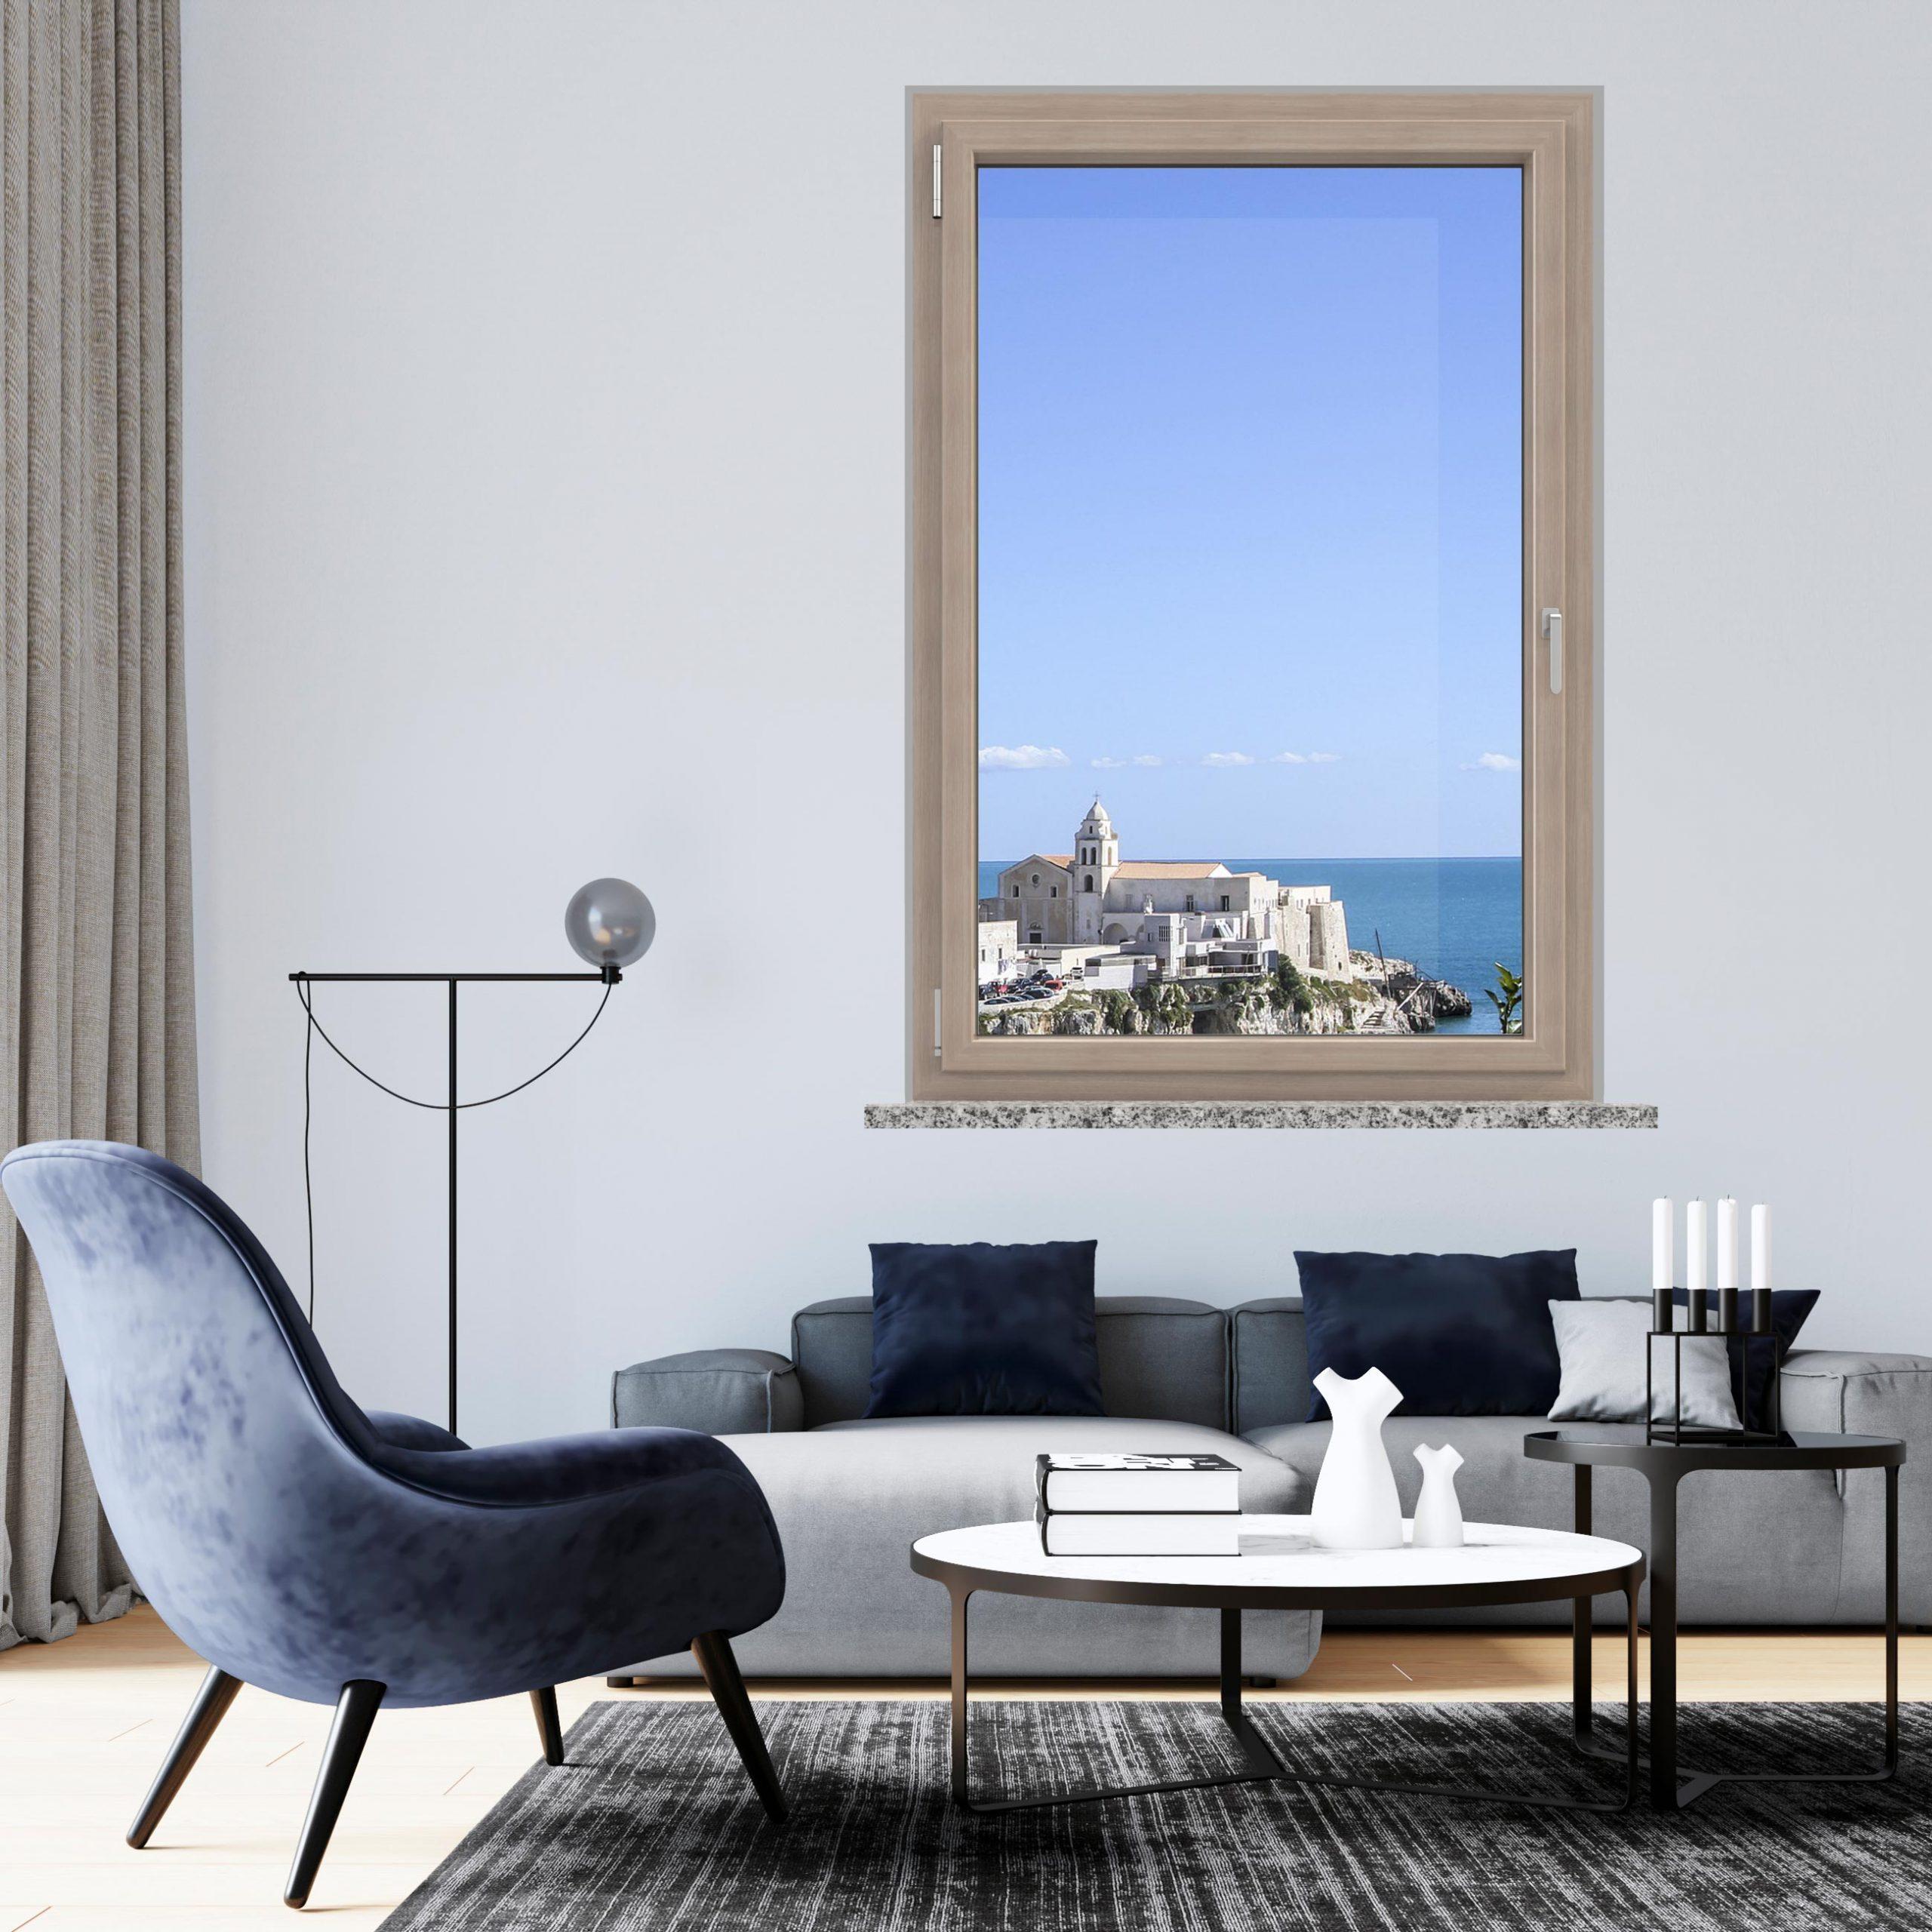 https://www.allpaint.it/wp-content/uploads/2021/08/finestre-glasswin-pvc-allpaint-scaled.jpg